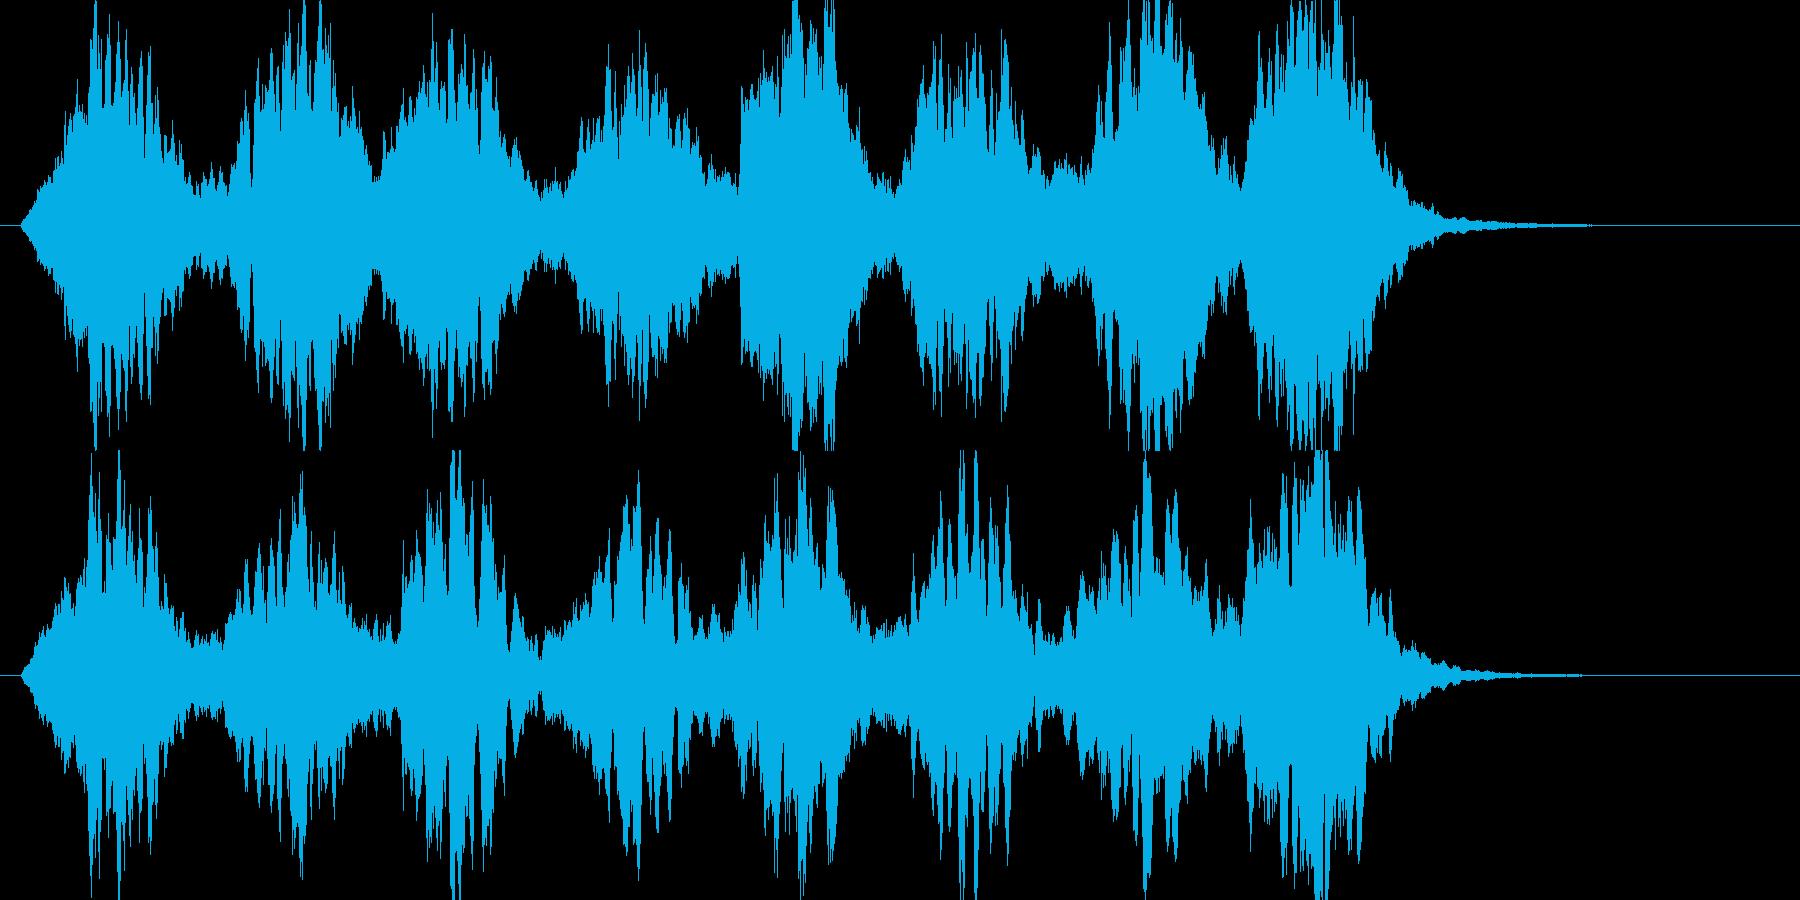 「ガラス、氷」のイメージBGM  B11の再生済みの波形